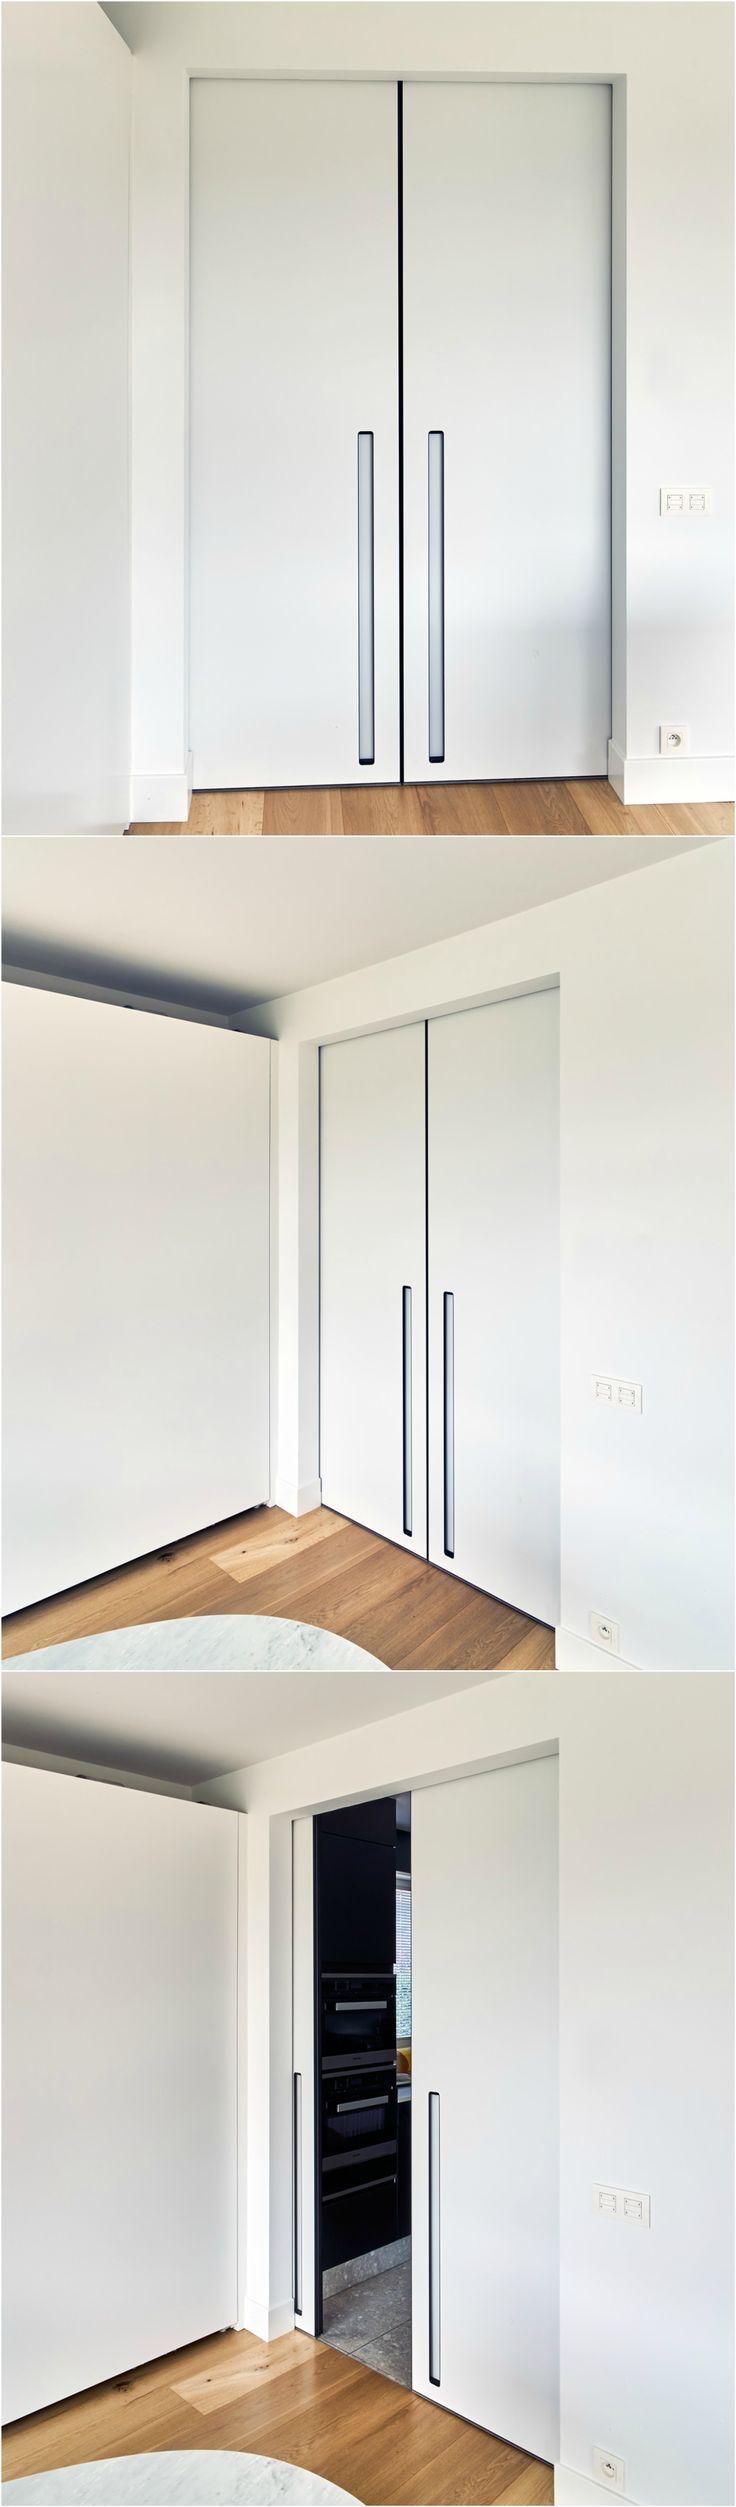 Dubbele schuifdeur op maat van anyway doors schuifdeur for Double sliding doors interior